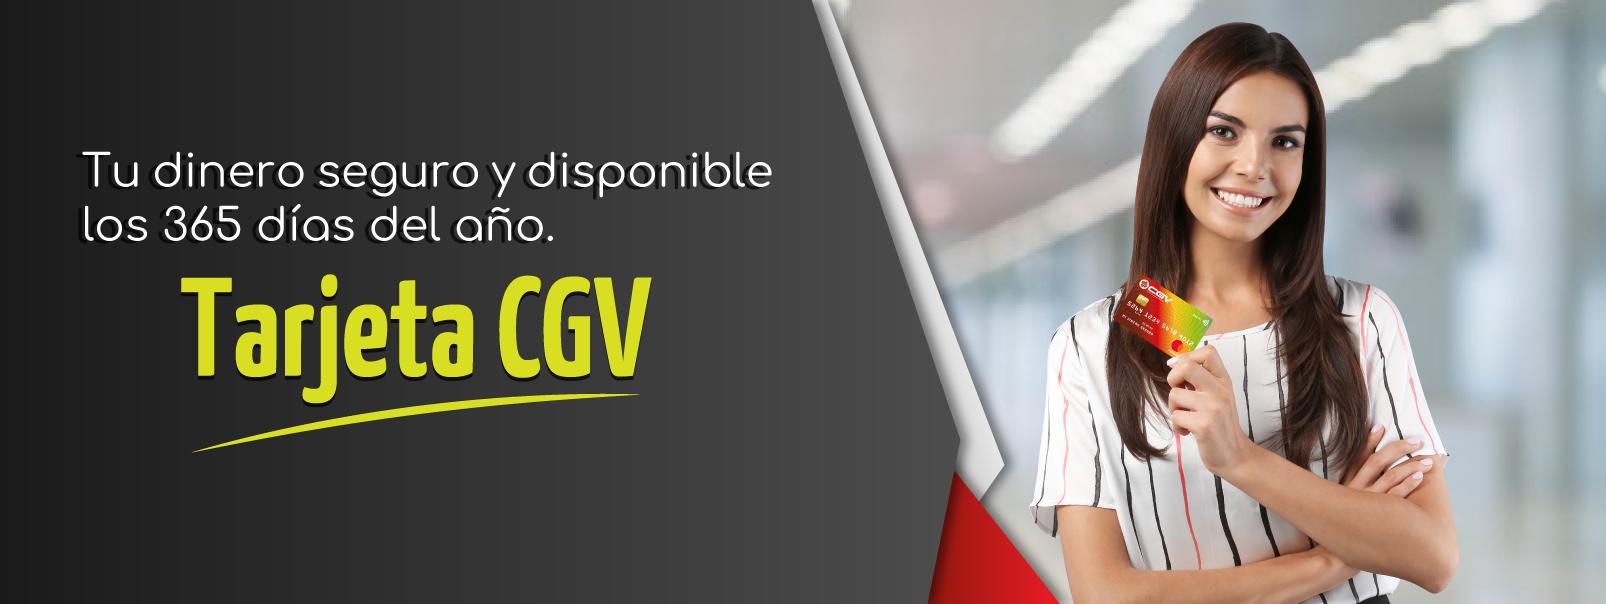 contacto cgv